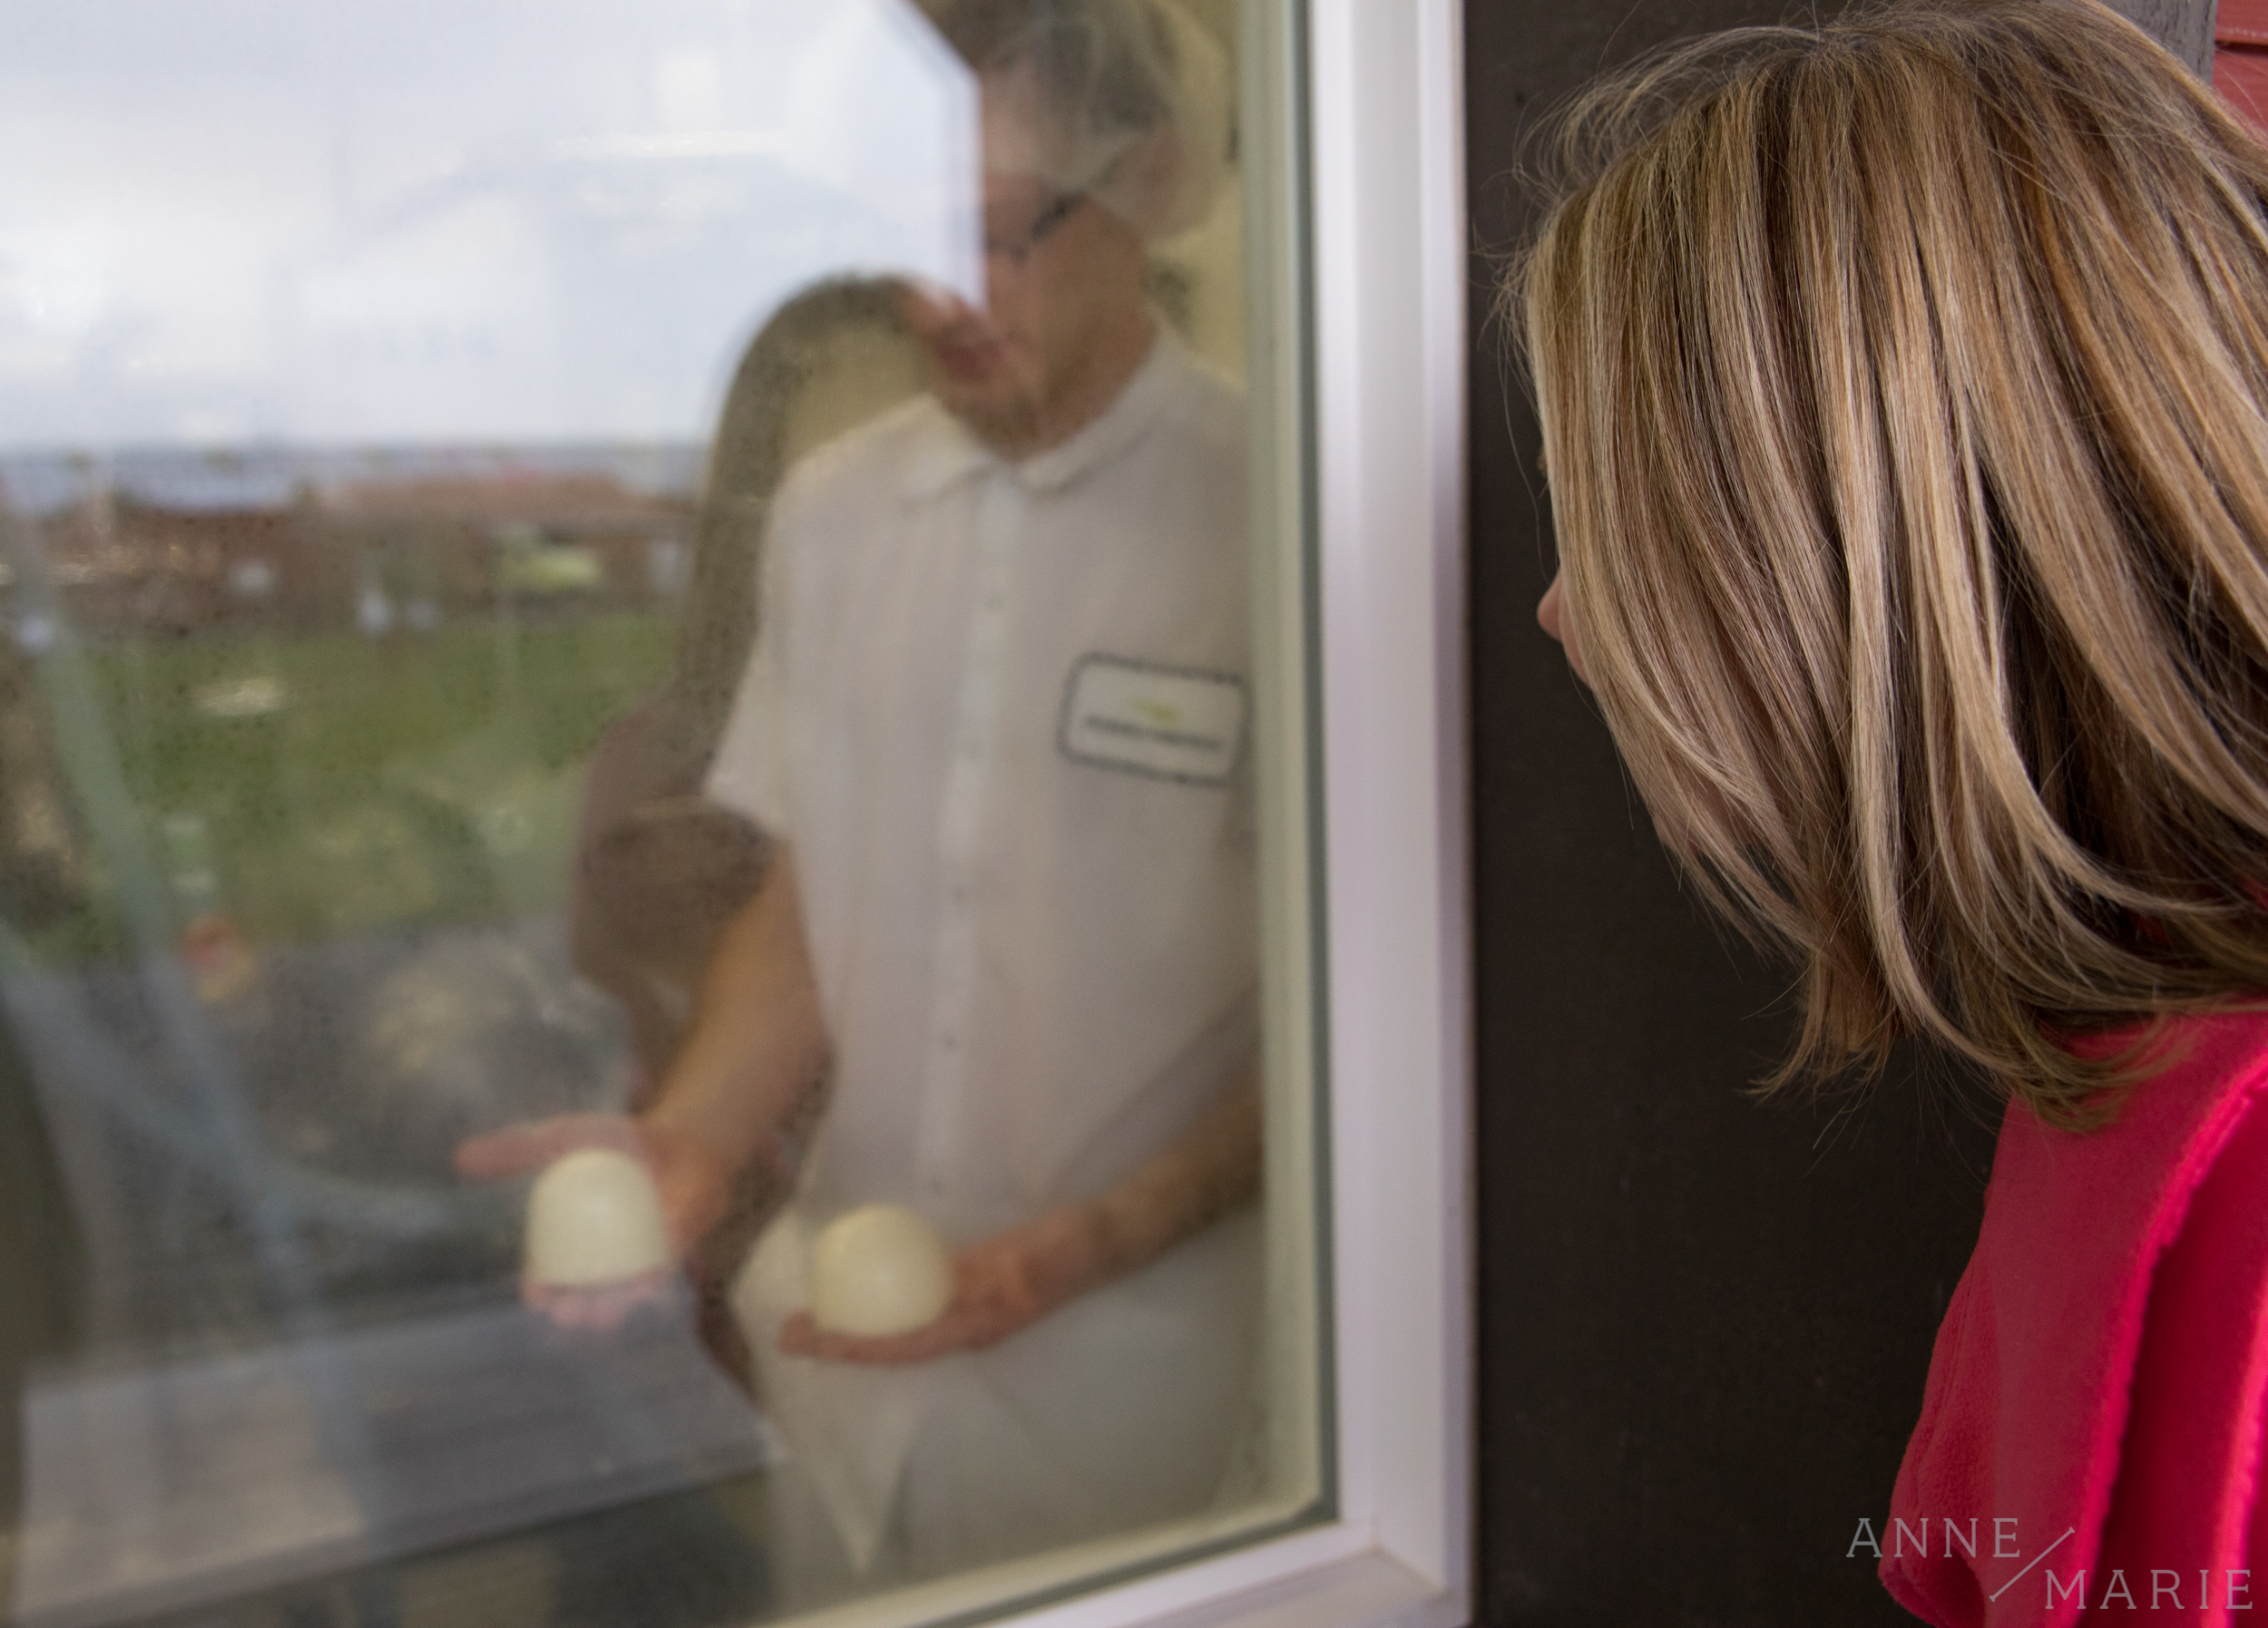 Daniel shows Anne-Marie fresh cheese through a window.